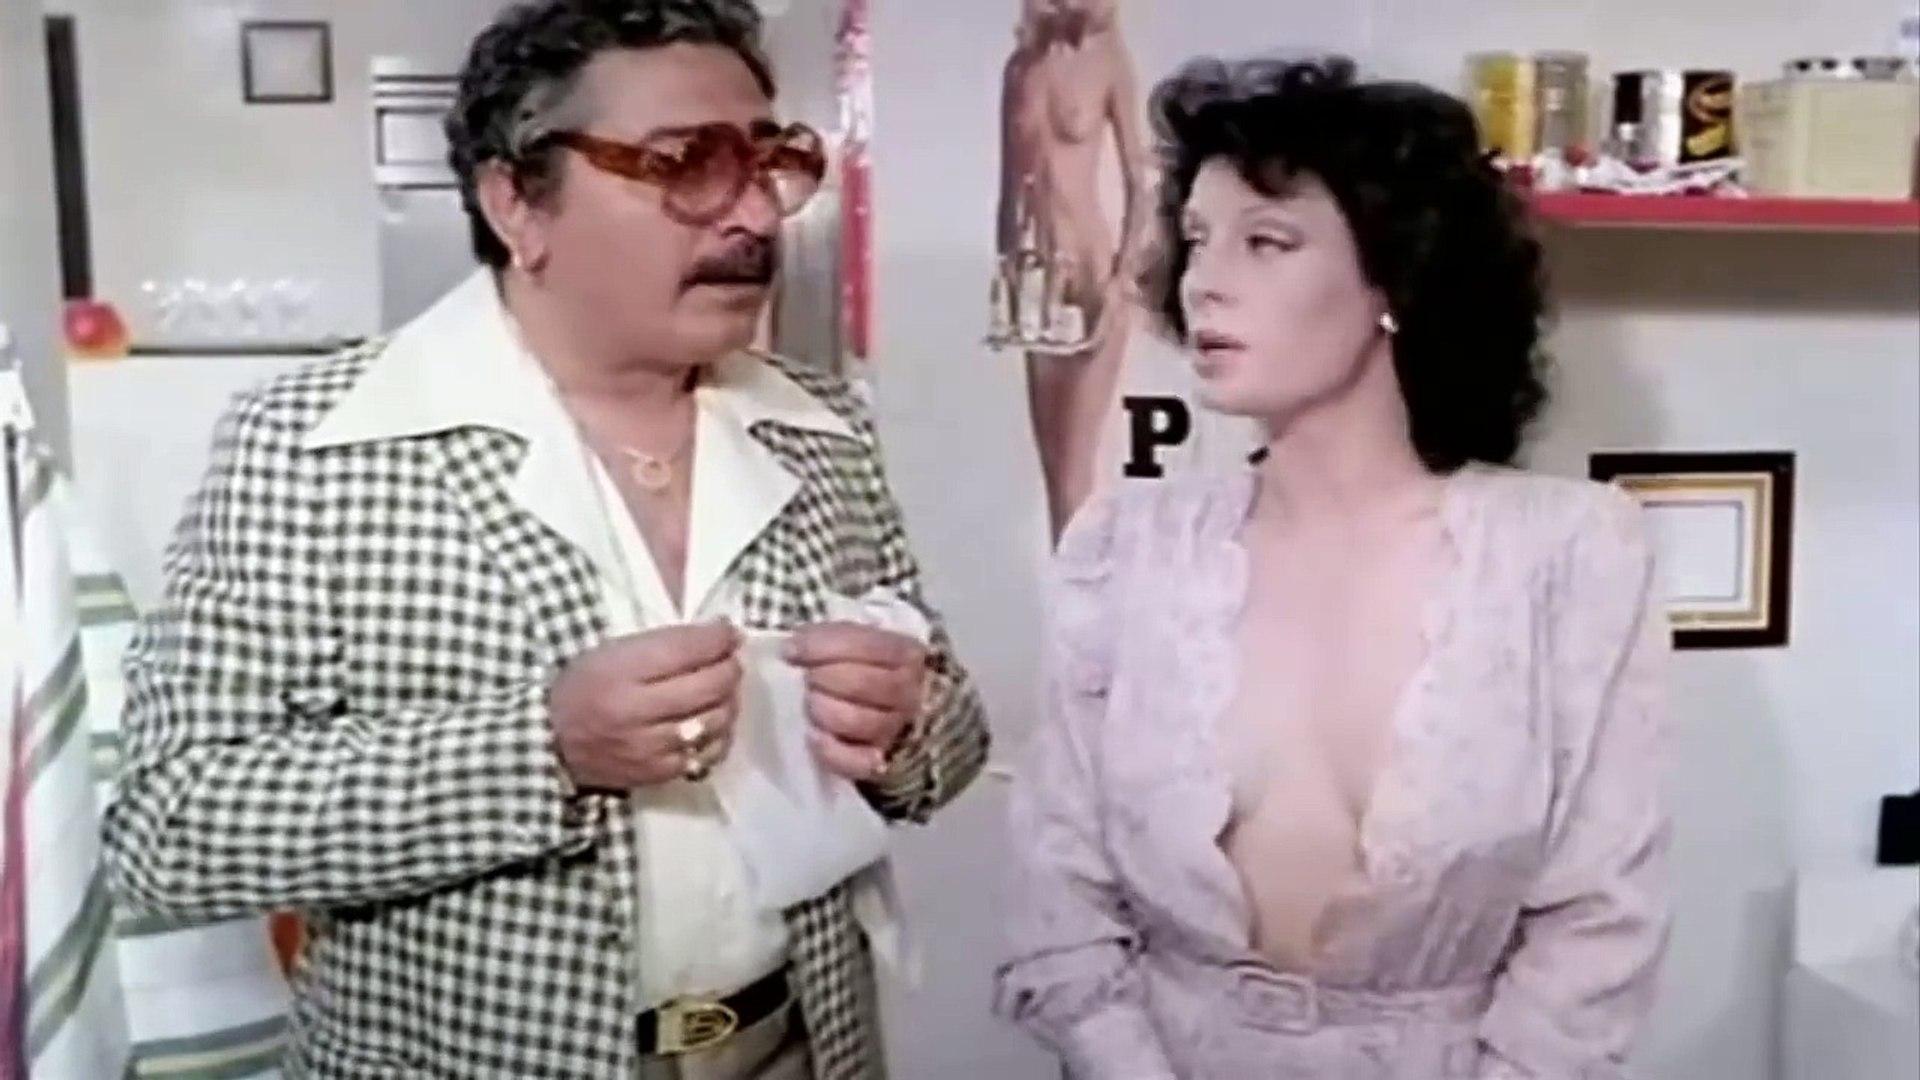 Paola Senatore un filmato - paola senatore italian comedy film scenes mess